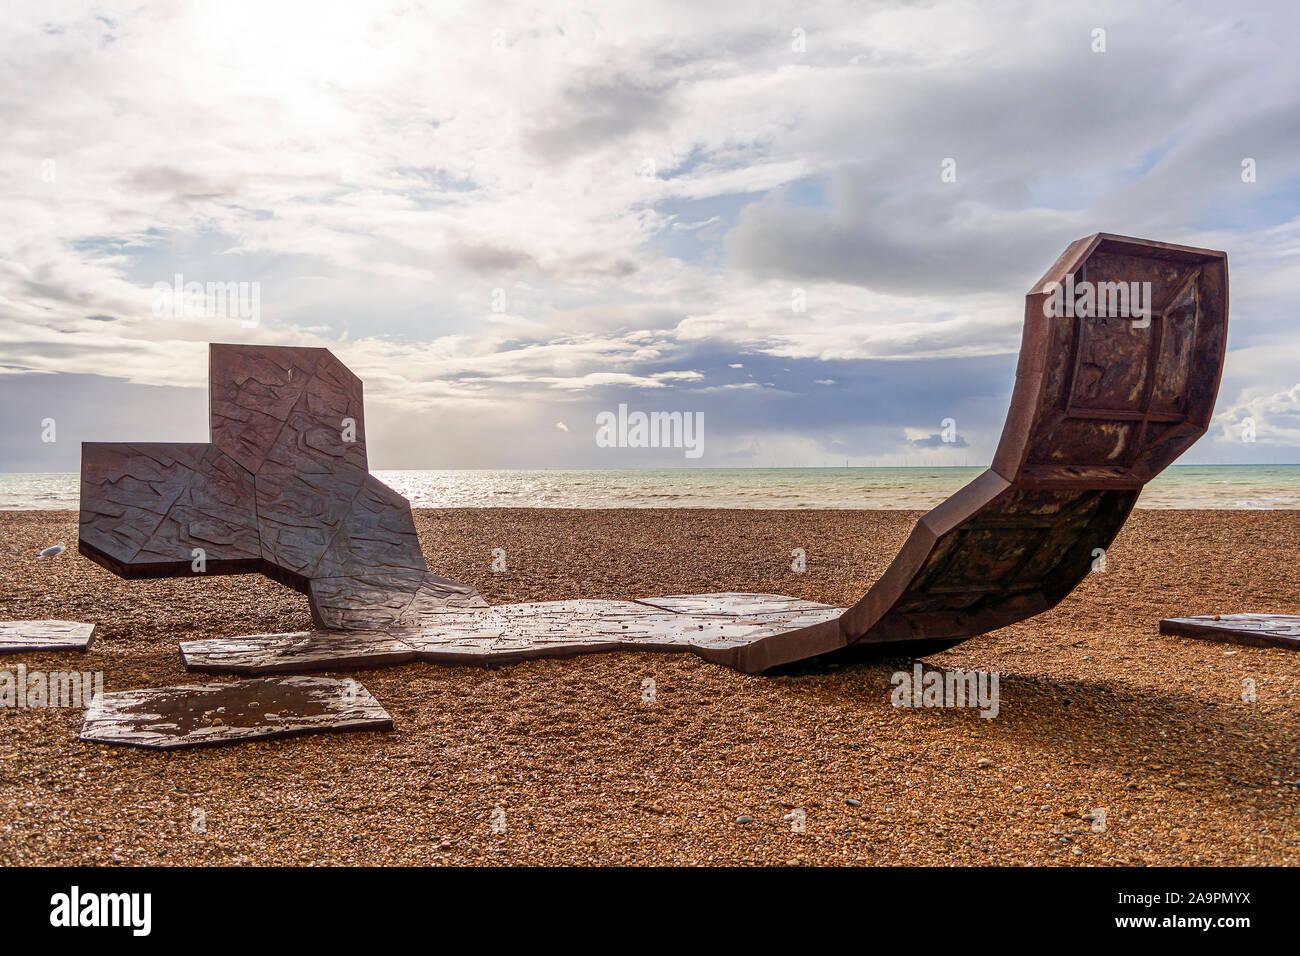 Brighton y Hove, East Sussex, Reino Unido - 4 de noviembre de 2019: pasacalles por Charles Hadcock escultura en la playa en Brighton, Reino Unido. Pasacalles es una enorme, c Foto de stock